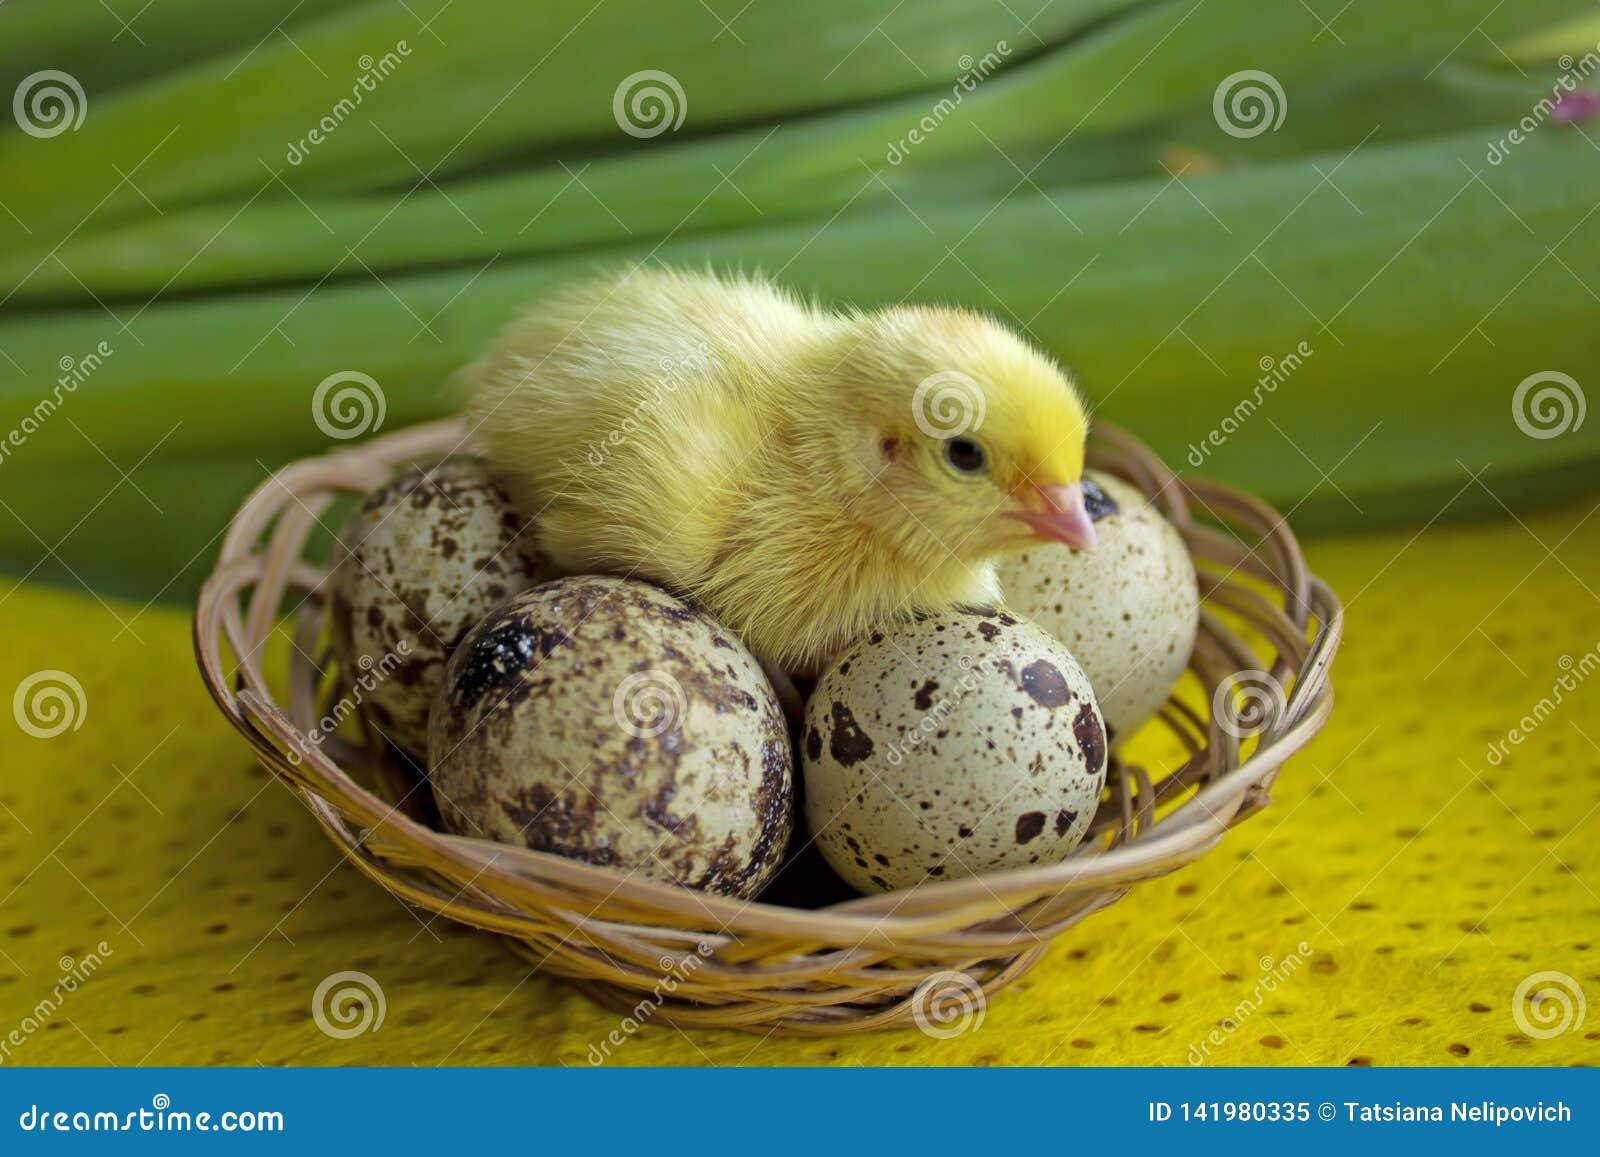 Dziecko przepiórki obsiadanie na jajkach w koszu Wielkanoc pojęcie narodziny nowy życie